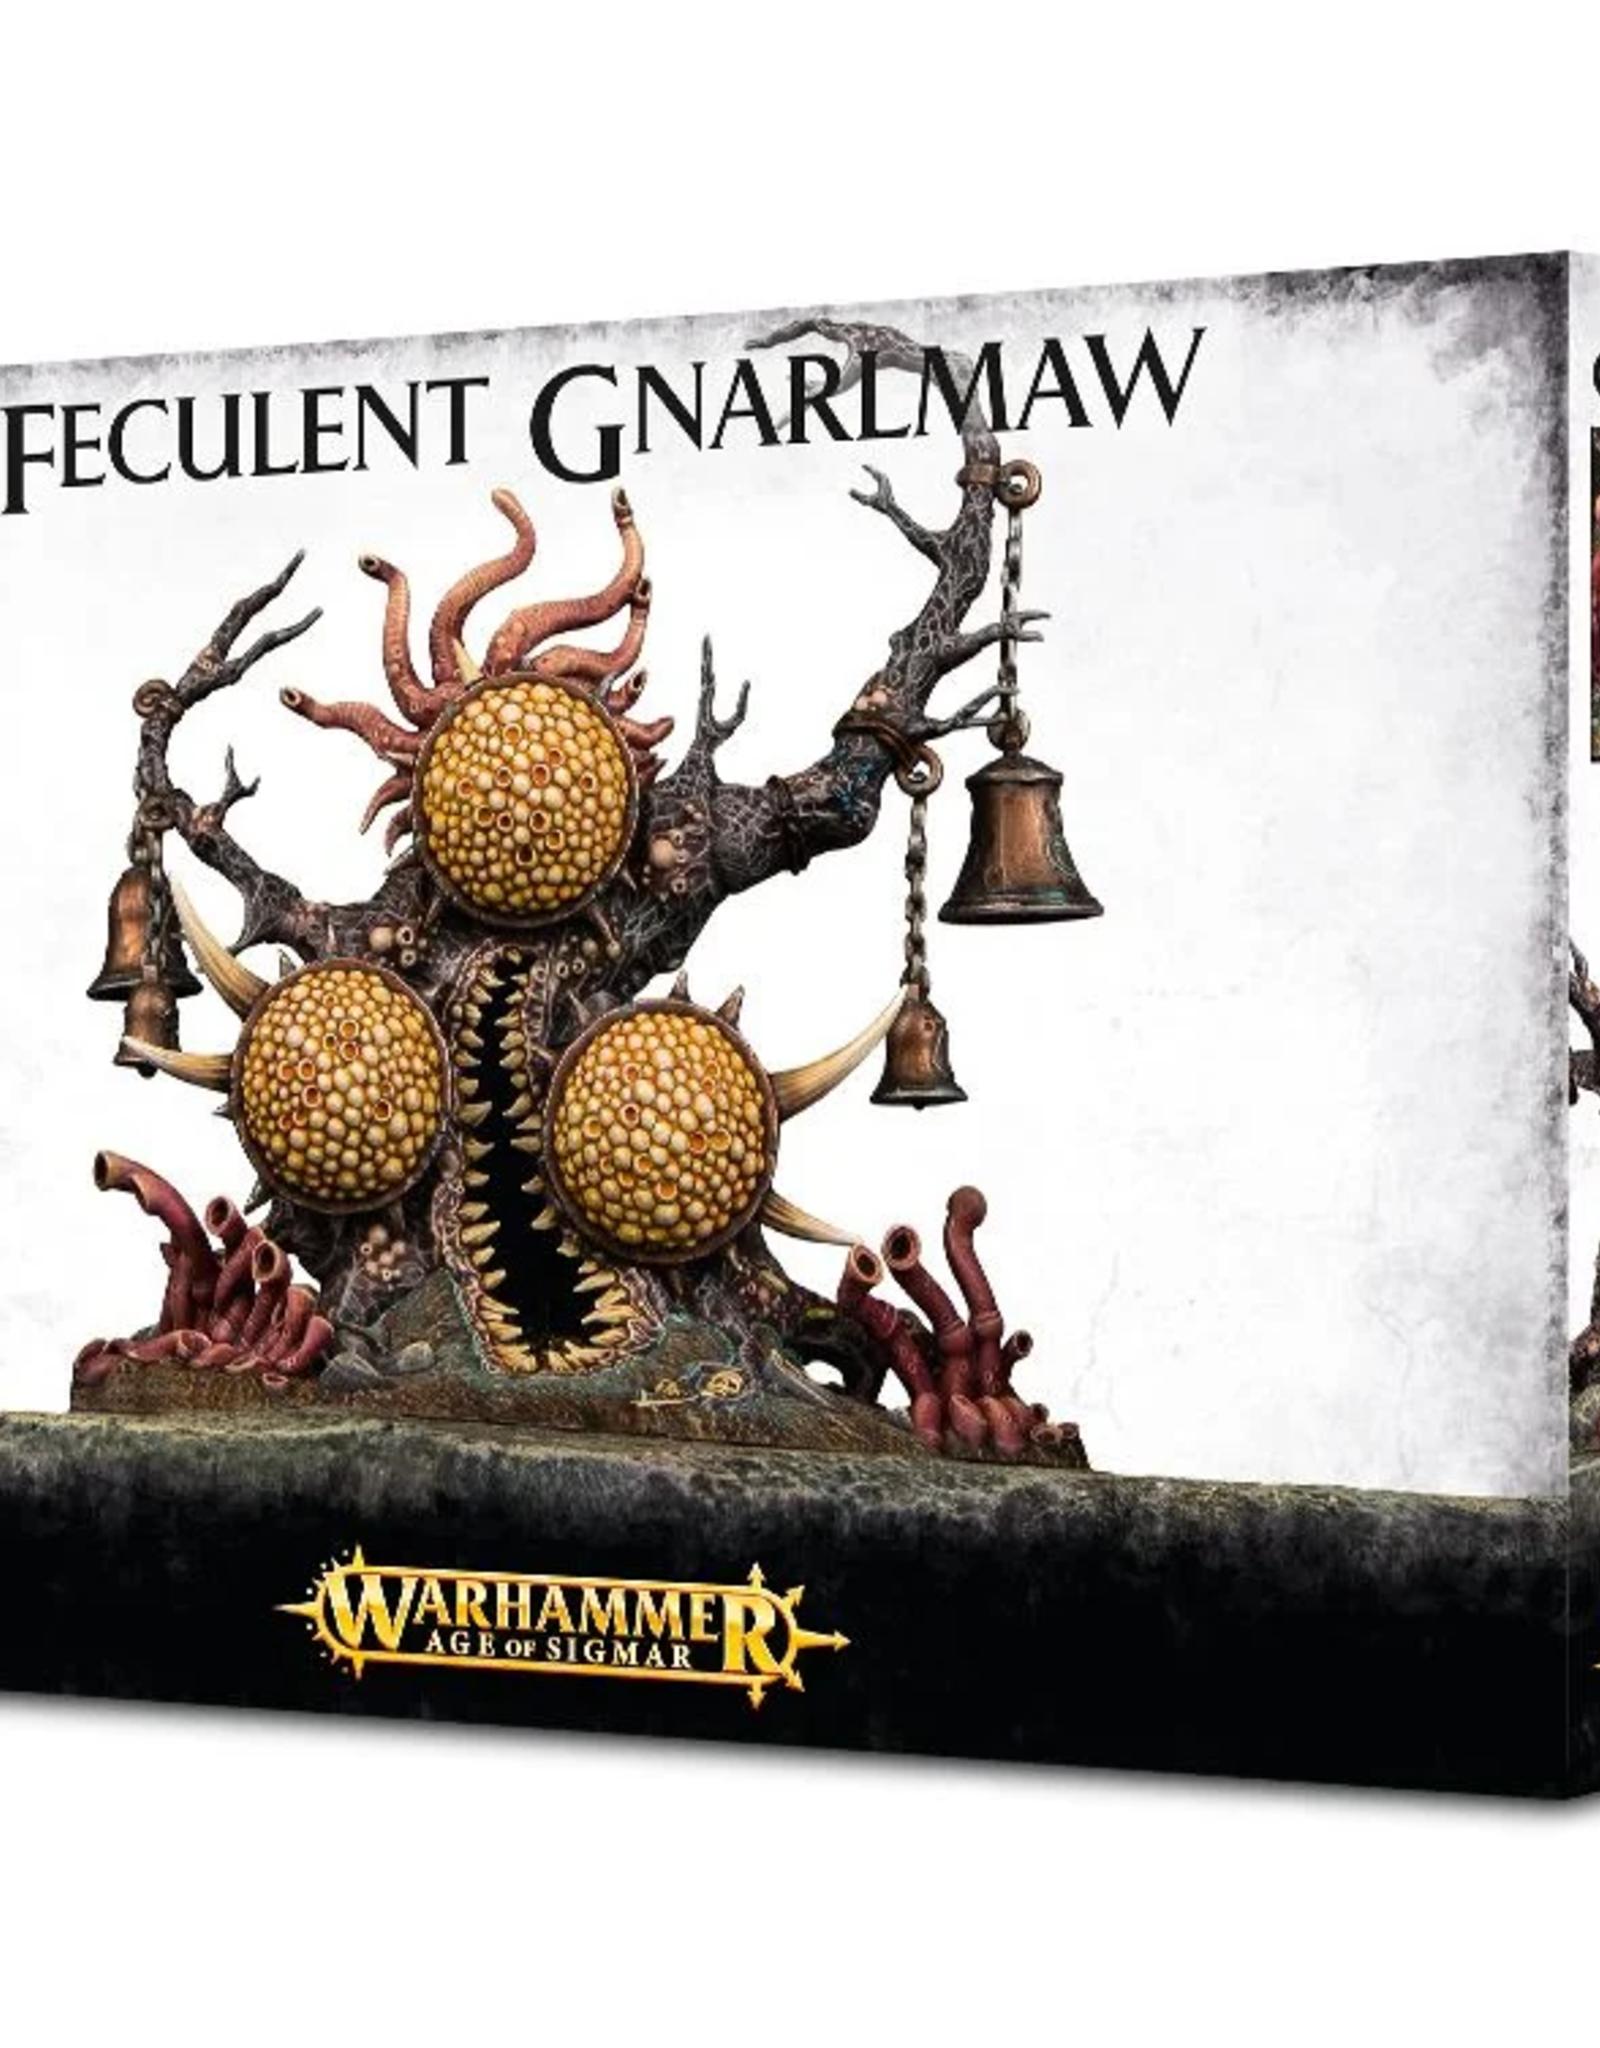 Games Workshop Nurgle: Feculent Gnarlmaw